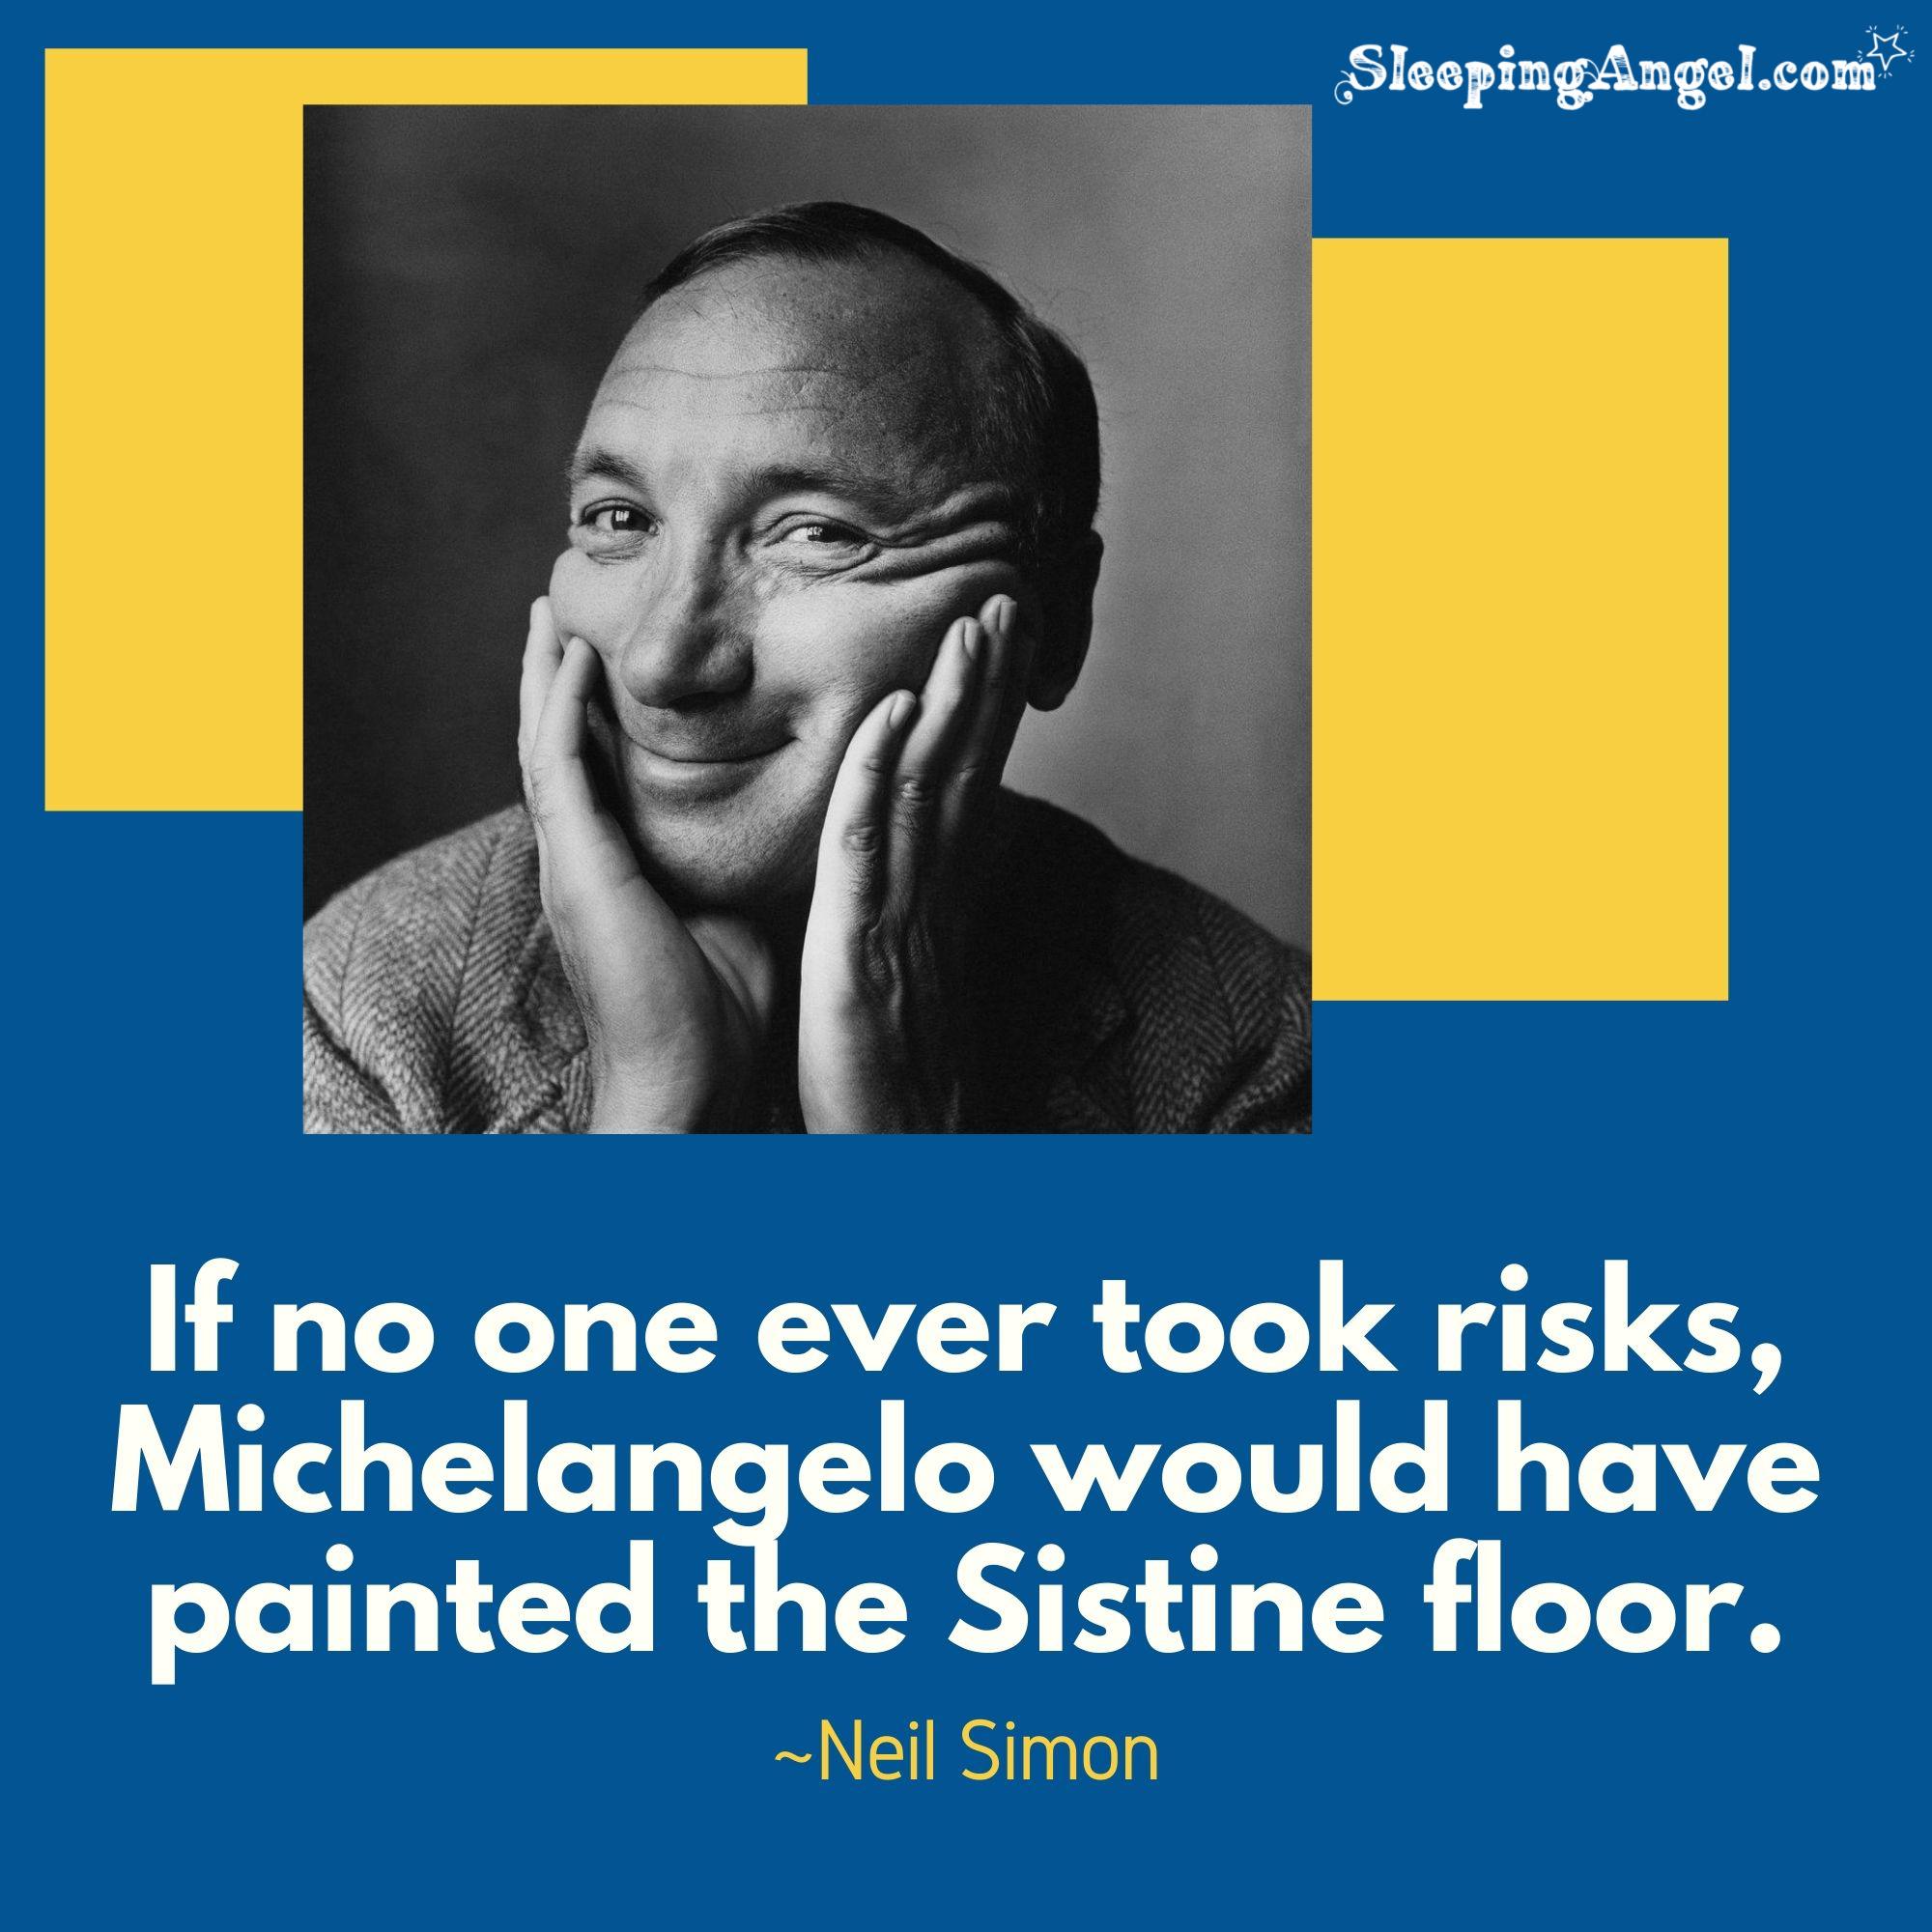 Neil Simon Quote